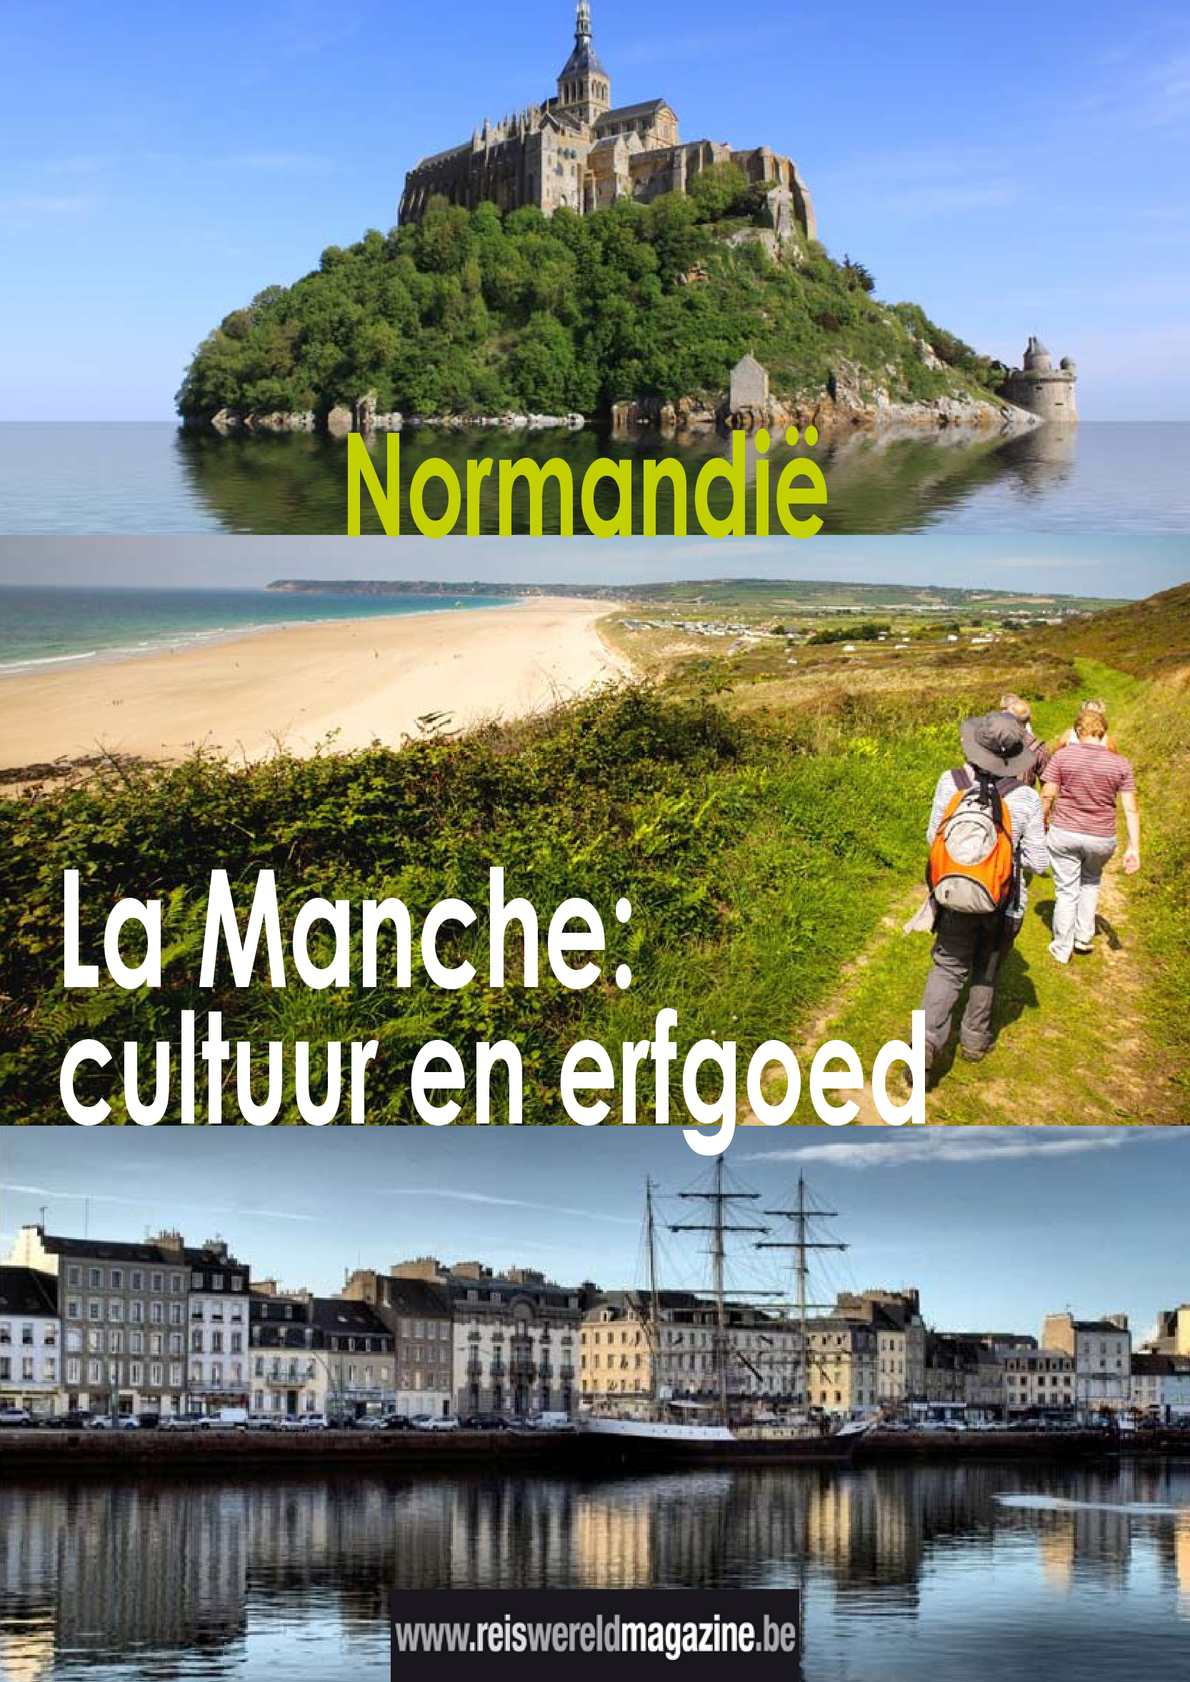 Reportage in La Manche! Reiswereld Magazine.be